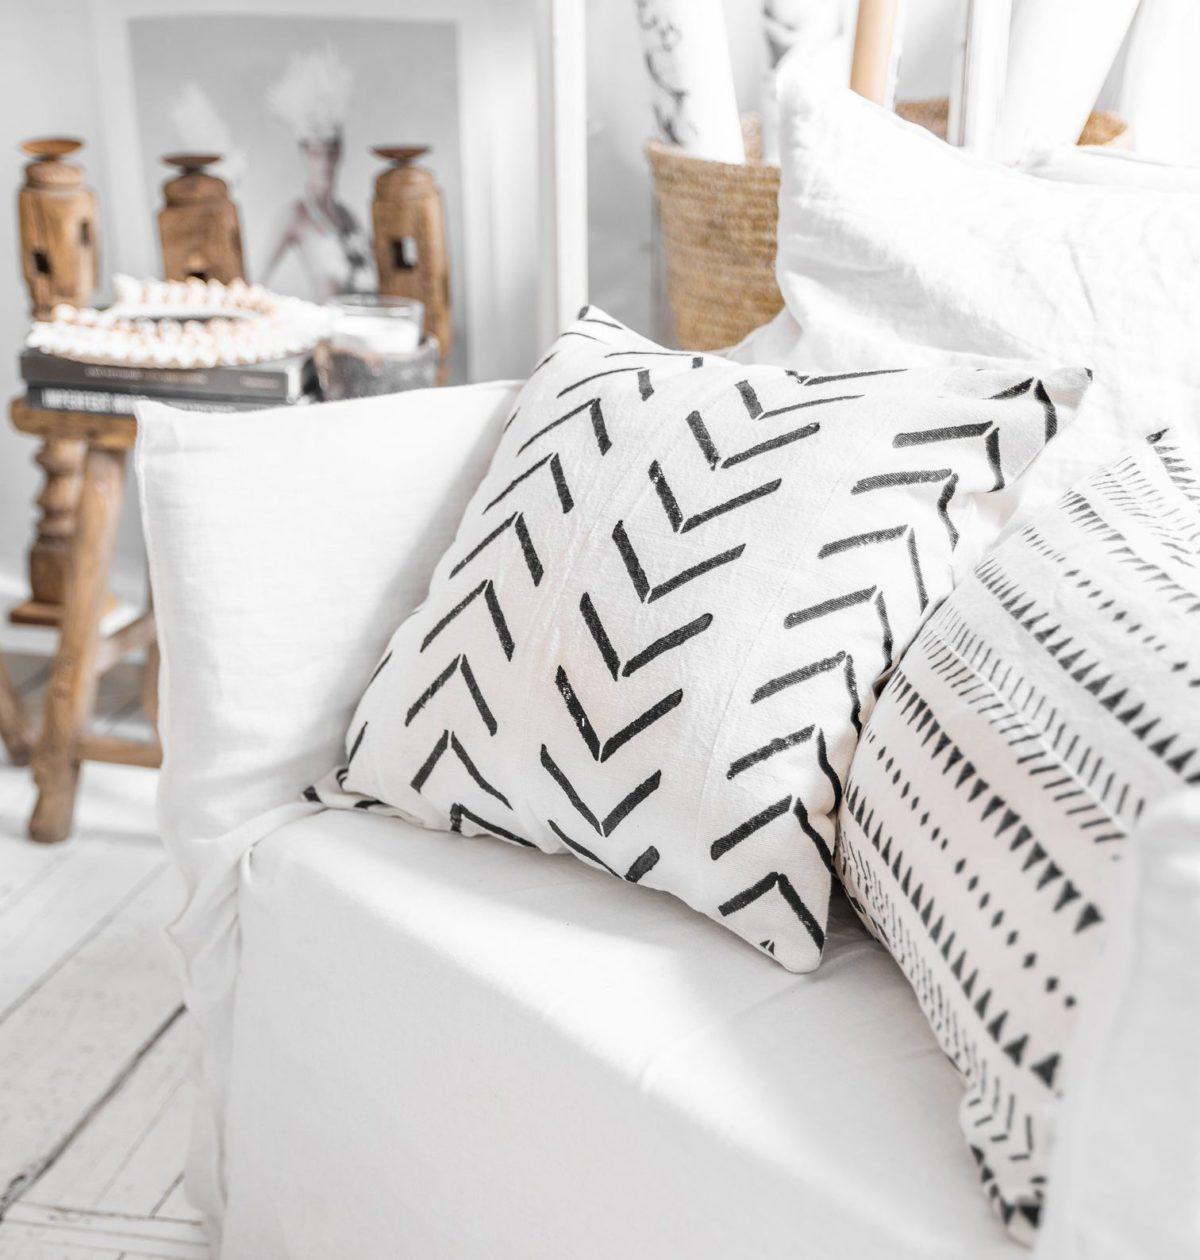 coussin motif ethnique fleche noir blanc salon boheme scandinave